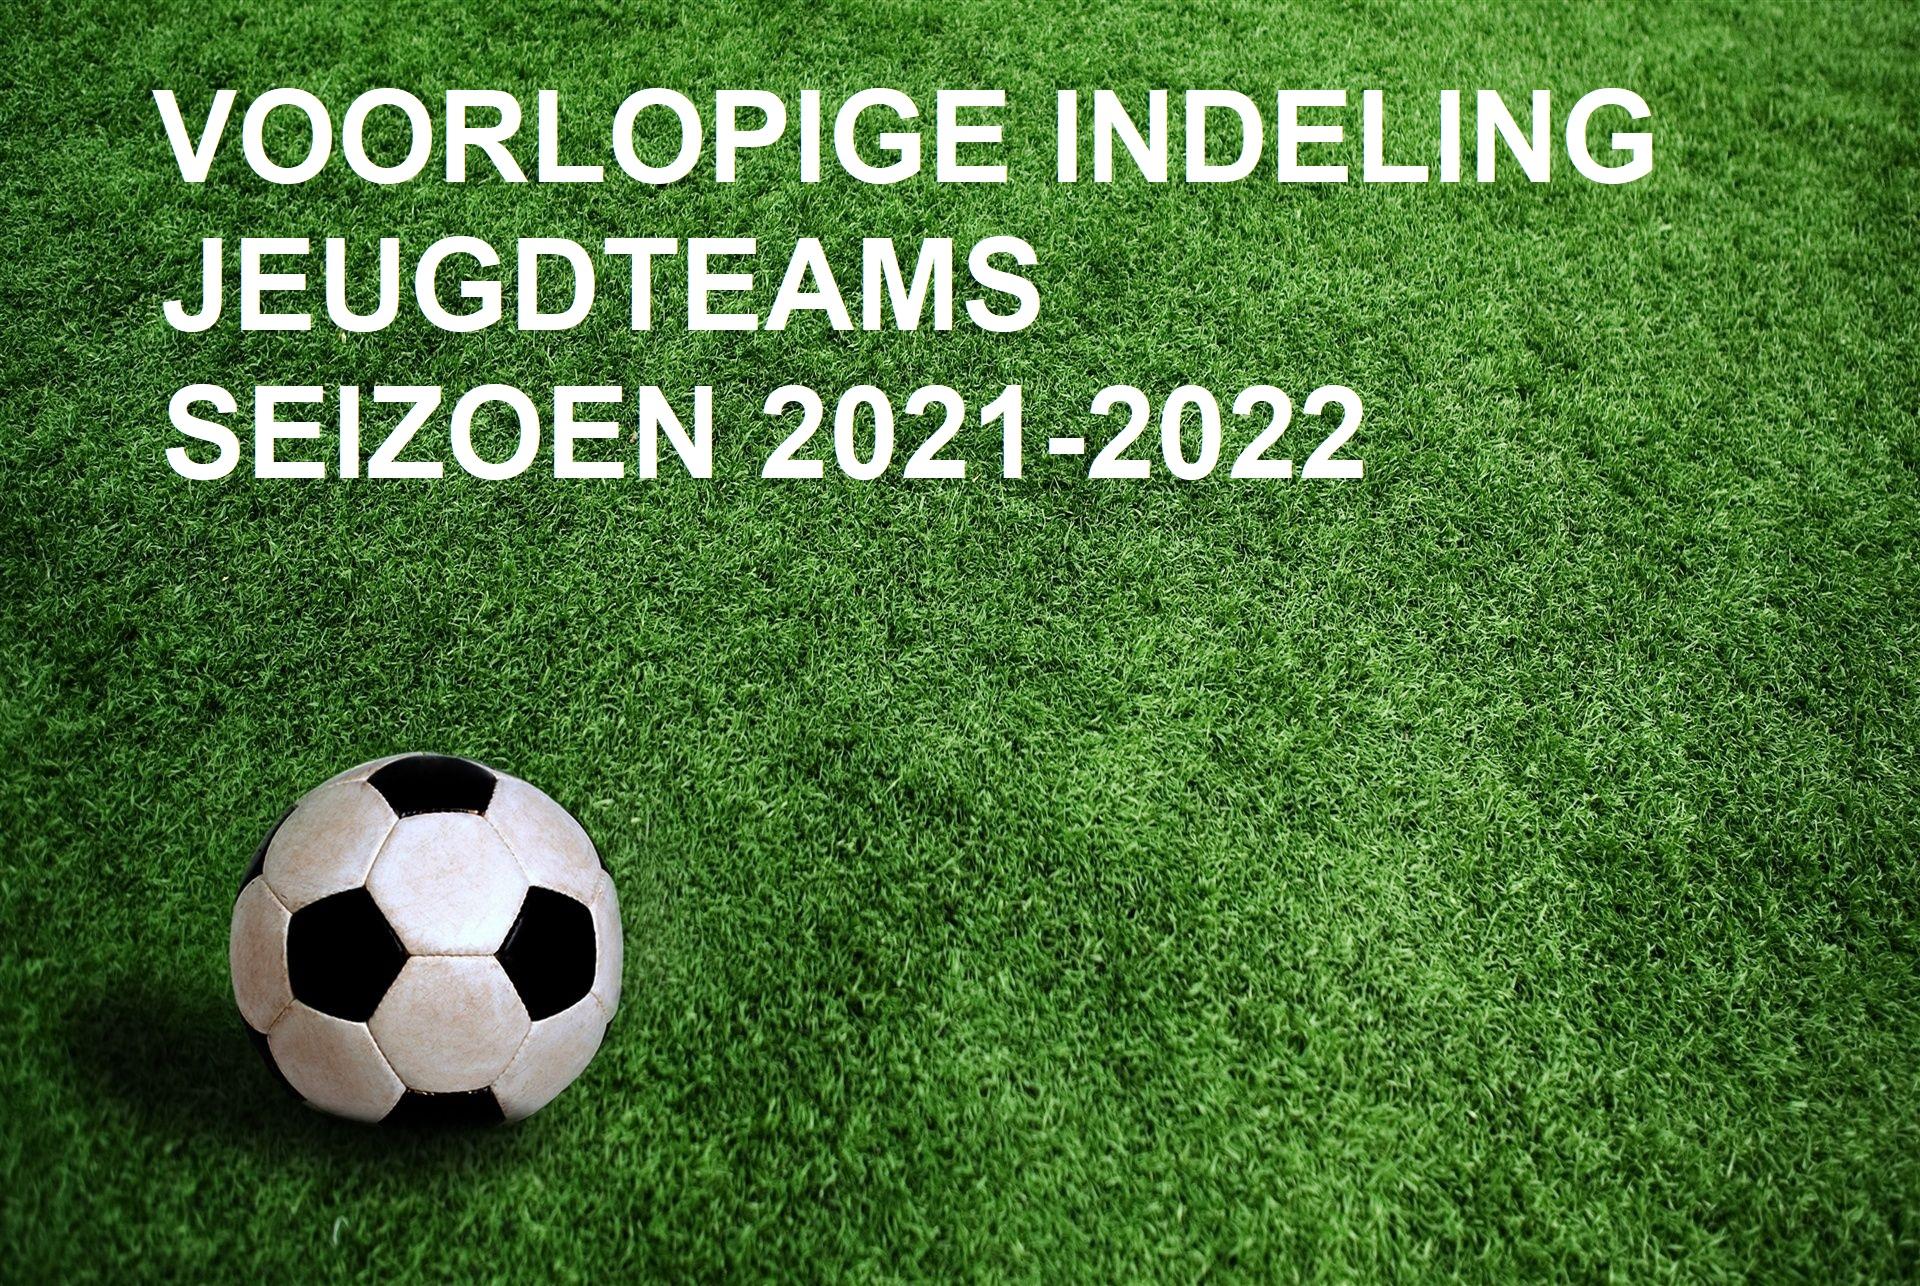 UPDATE: Voorlopige teamindelingen jeugd seizoen 2021-2022